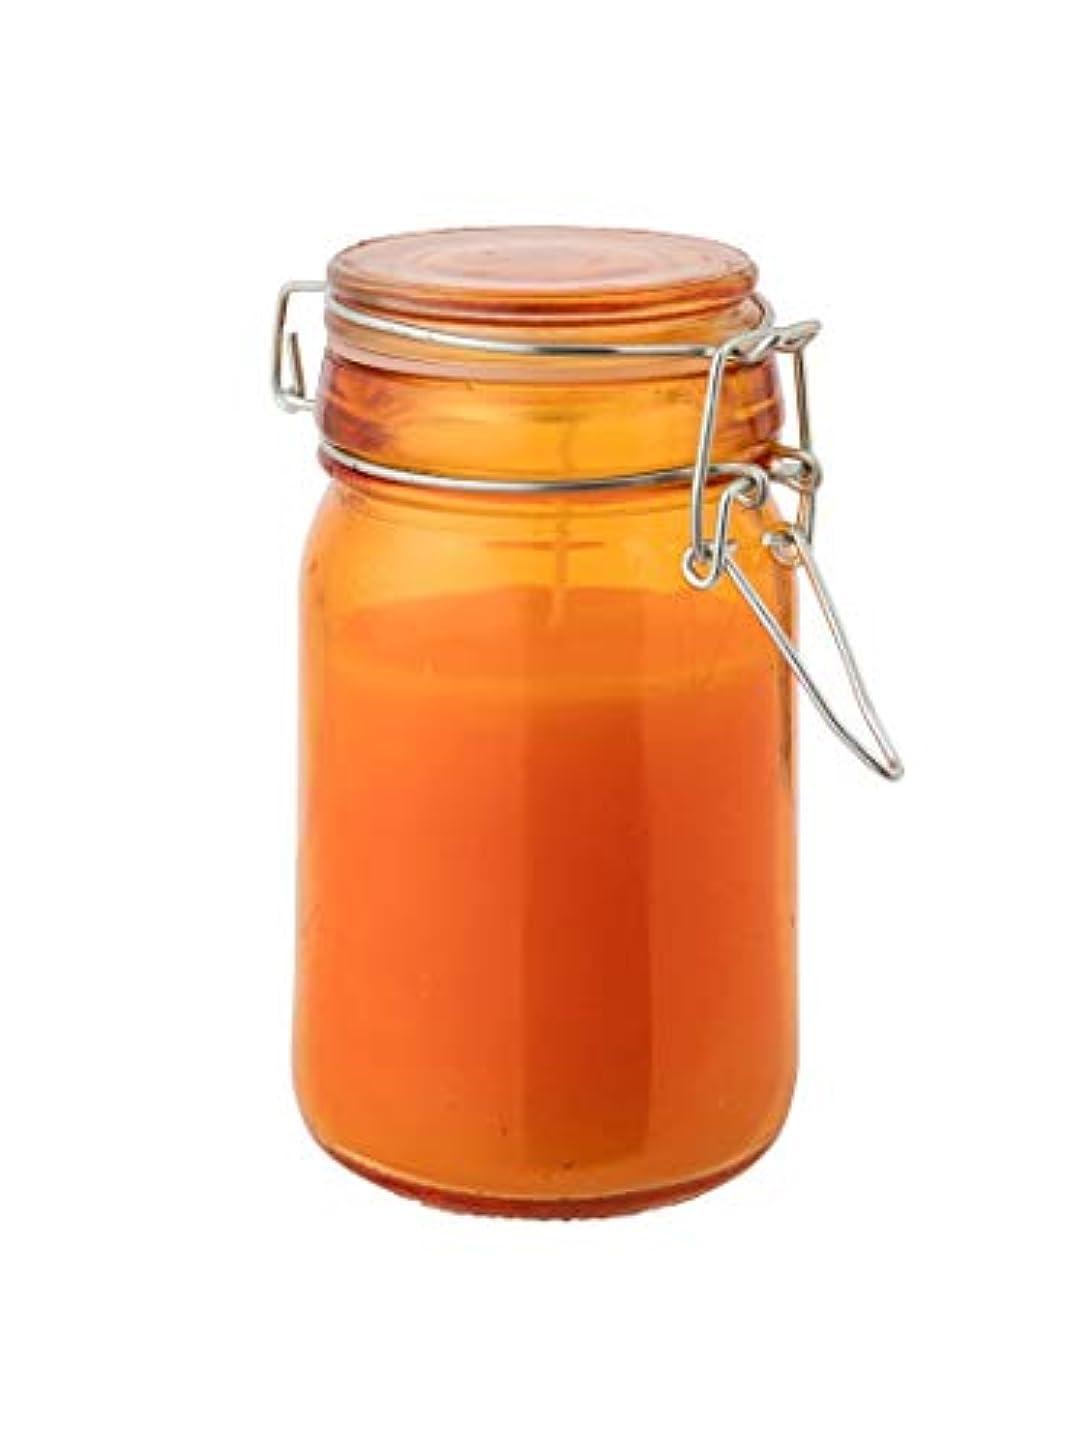 少年韓国紀元前(アルパインデザイン) Alpine DESIGN 虫よけキャンドル(シトロネラ) ガラス瓶蓋付き オレンジ